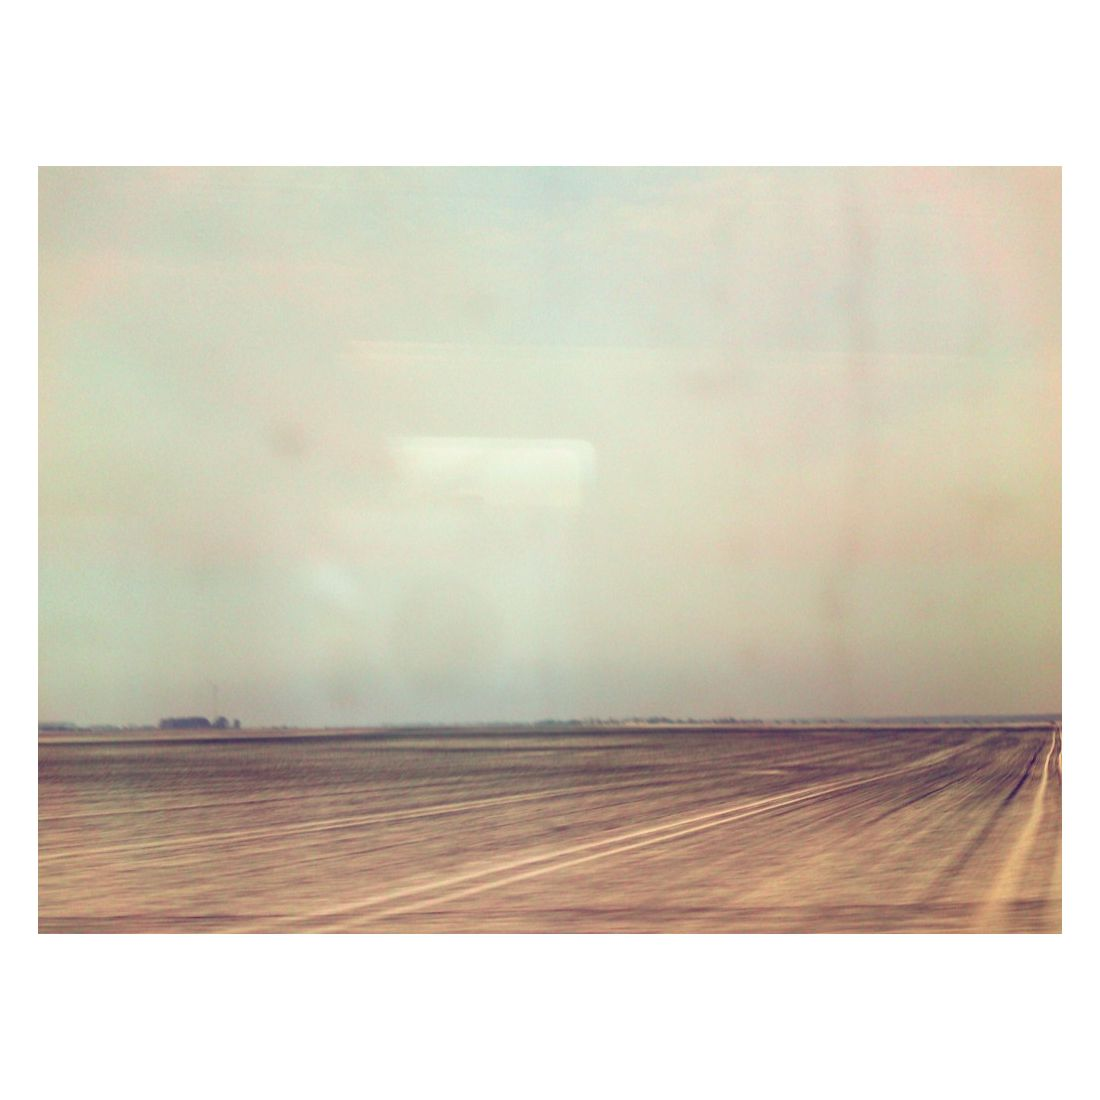 Leinwand Apart p10 – von Carolin Gutt – Größe: 100 x 70 cm, seen.by jetzt kaufen